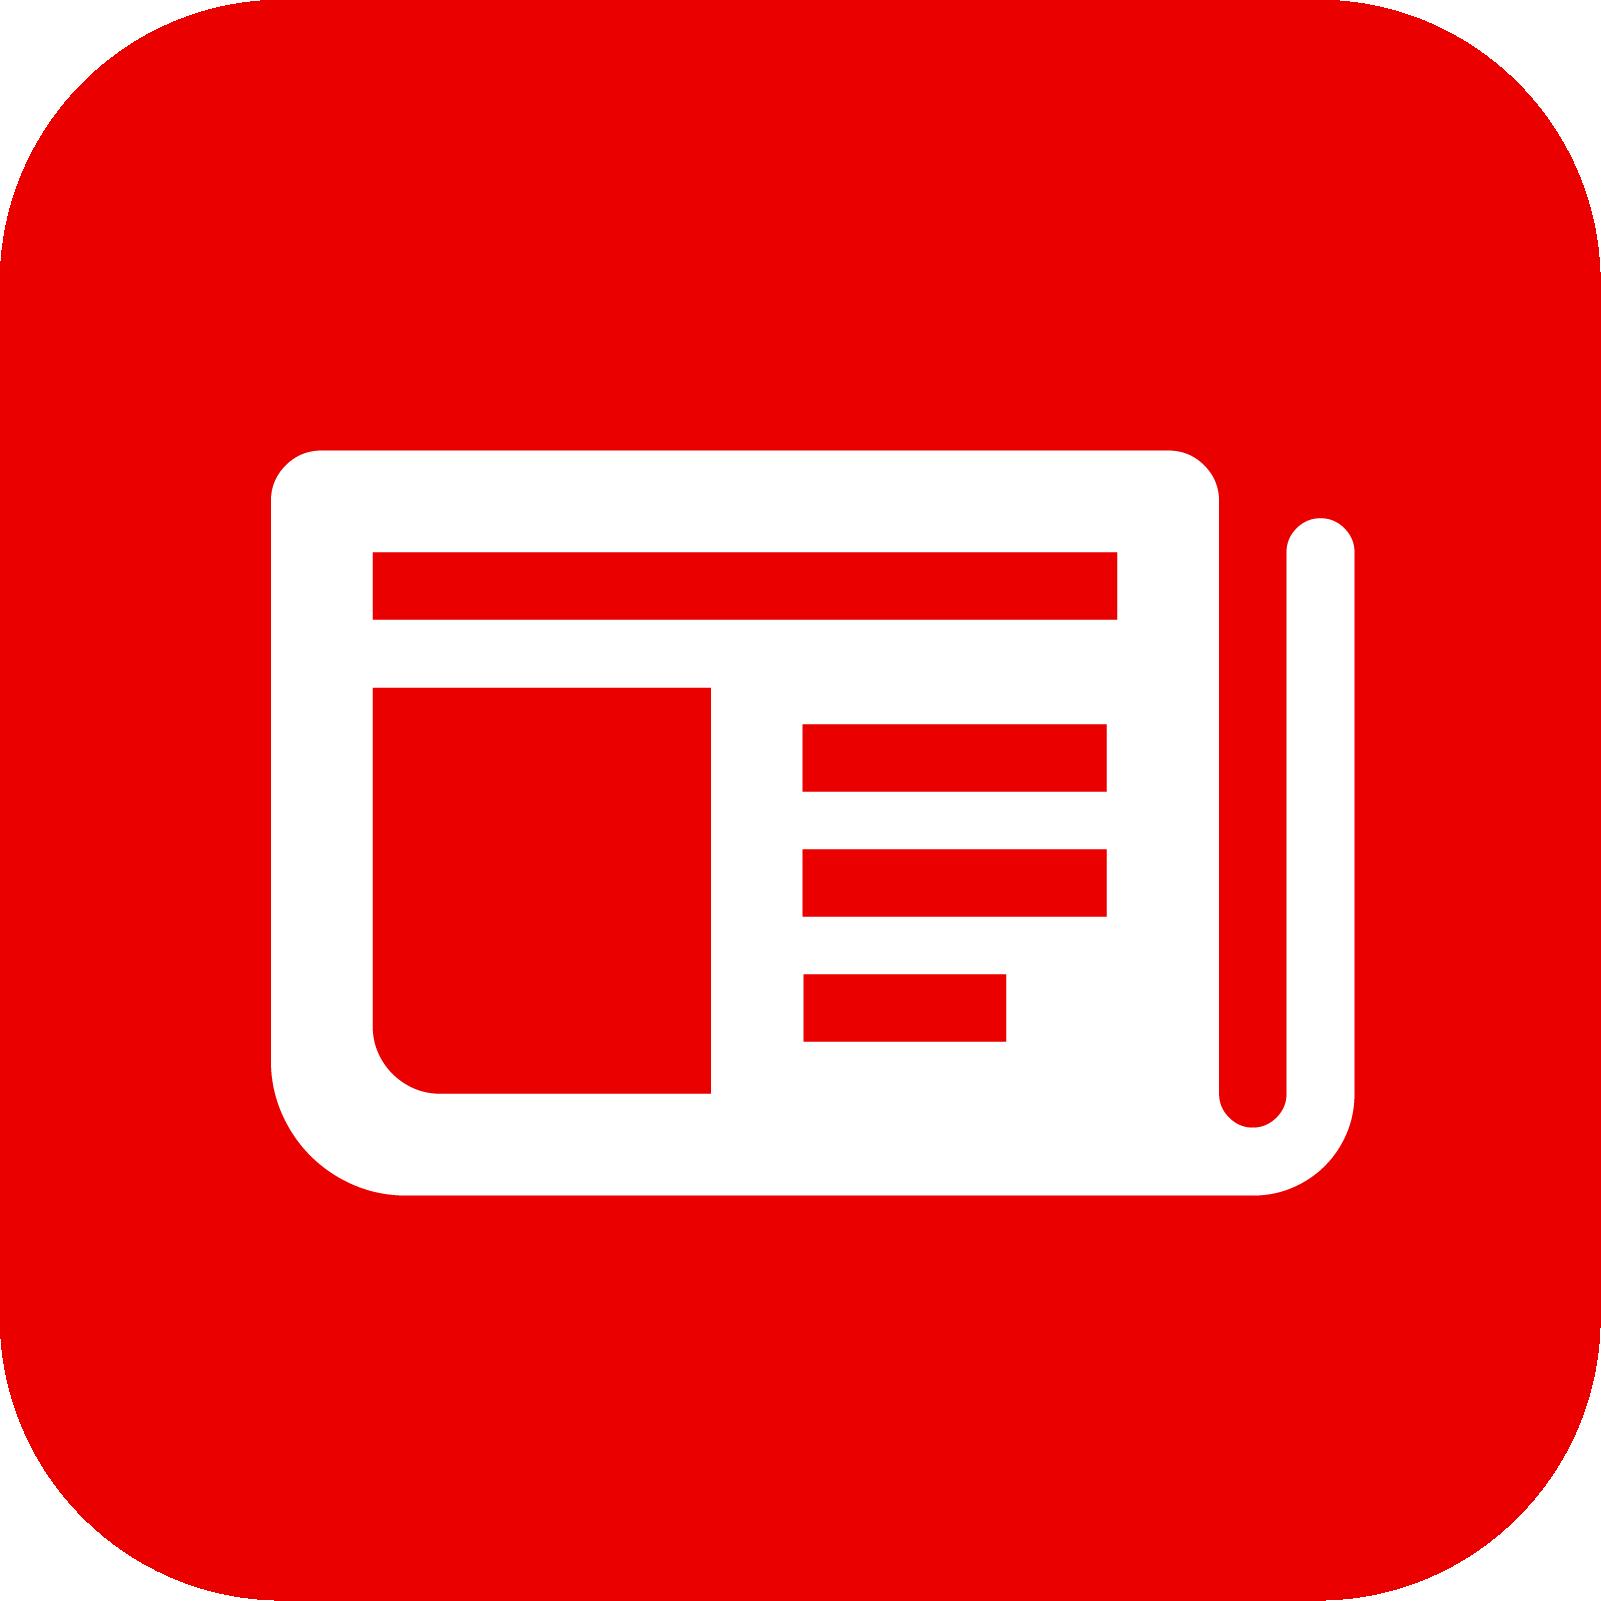 Entra A Hotmail Outlook Skype Noticias En Español Y Más En Msn Latino